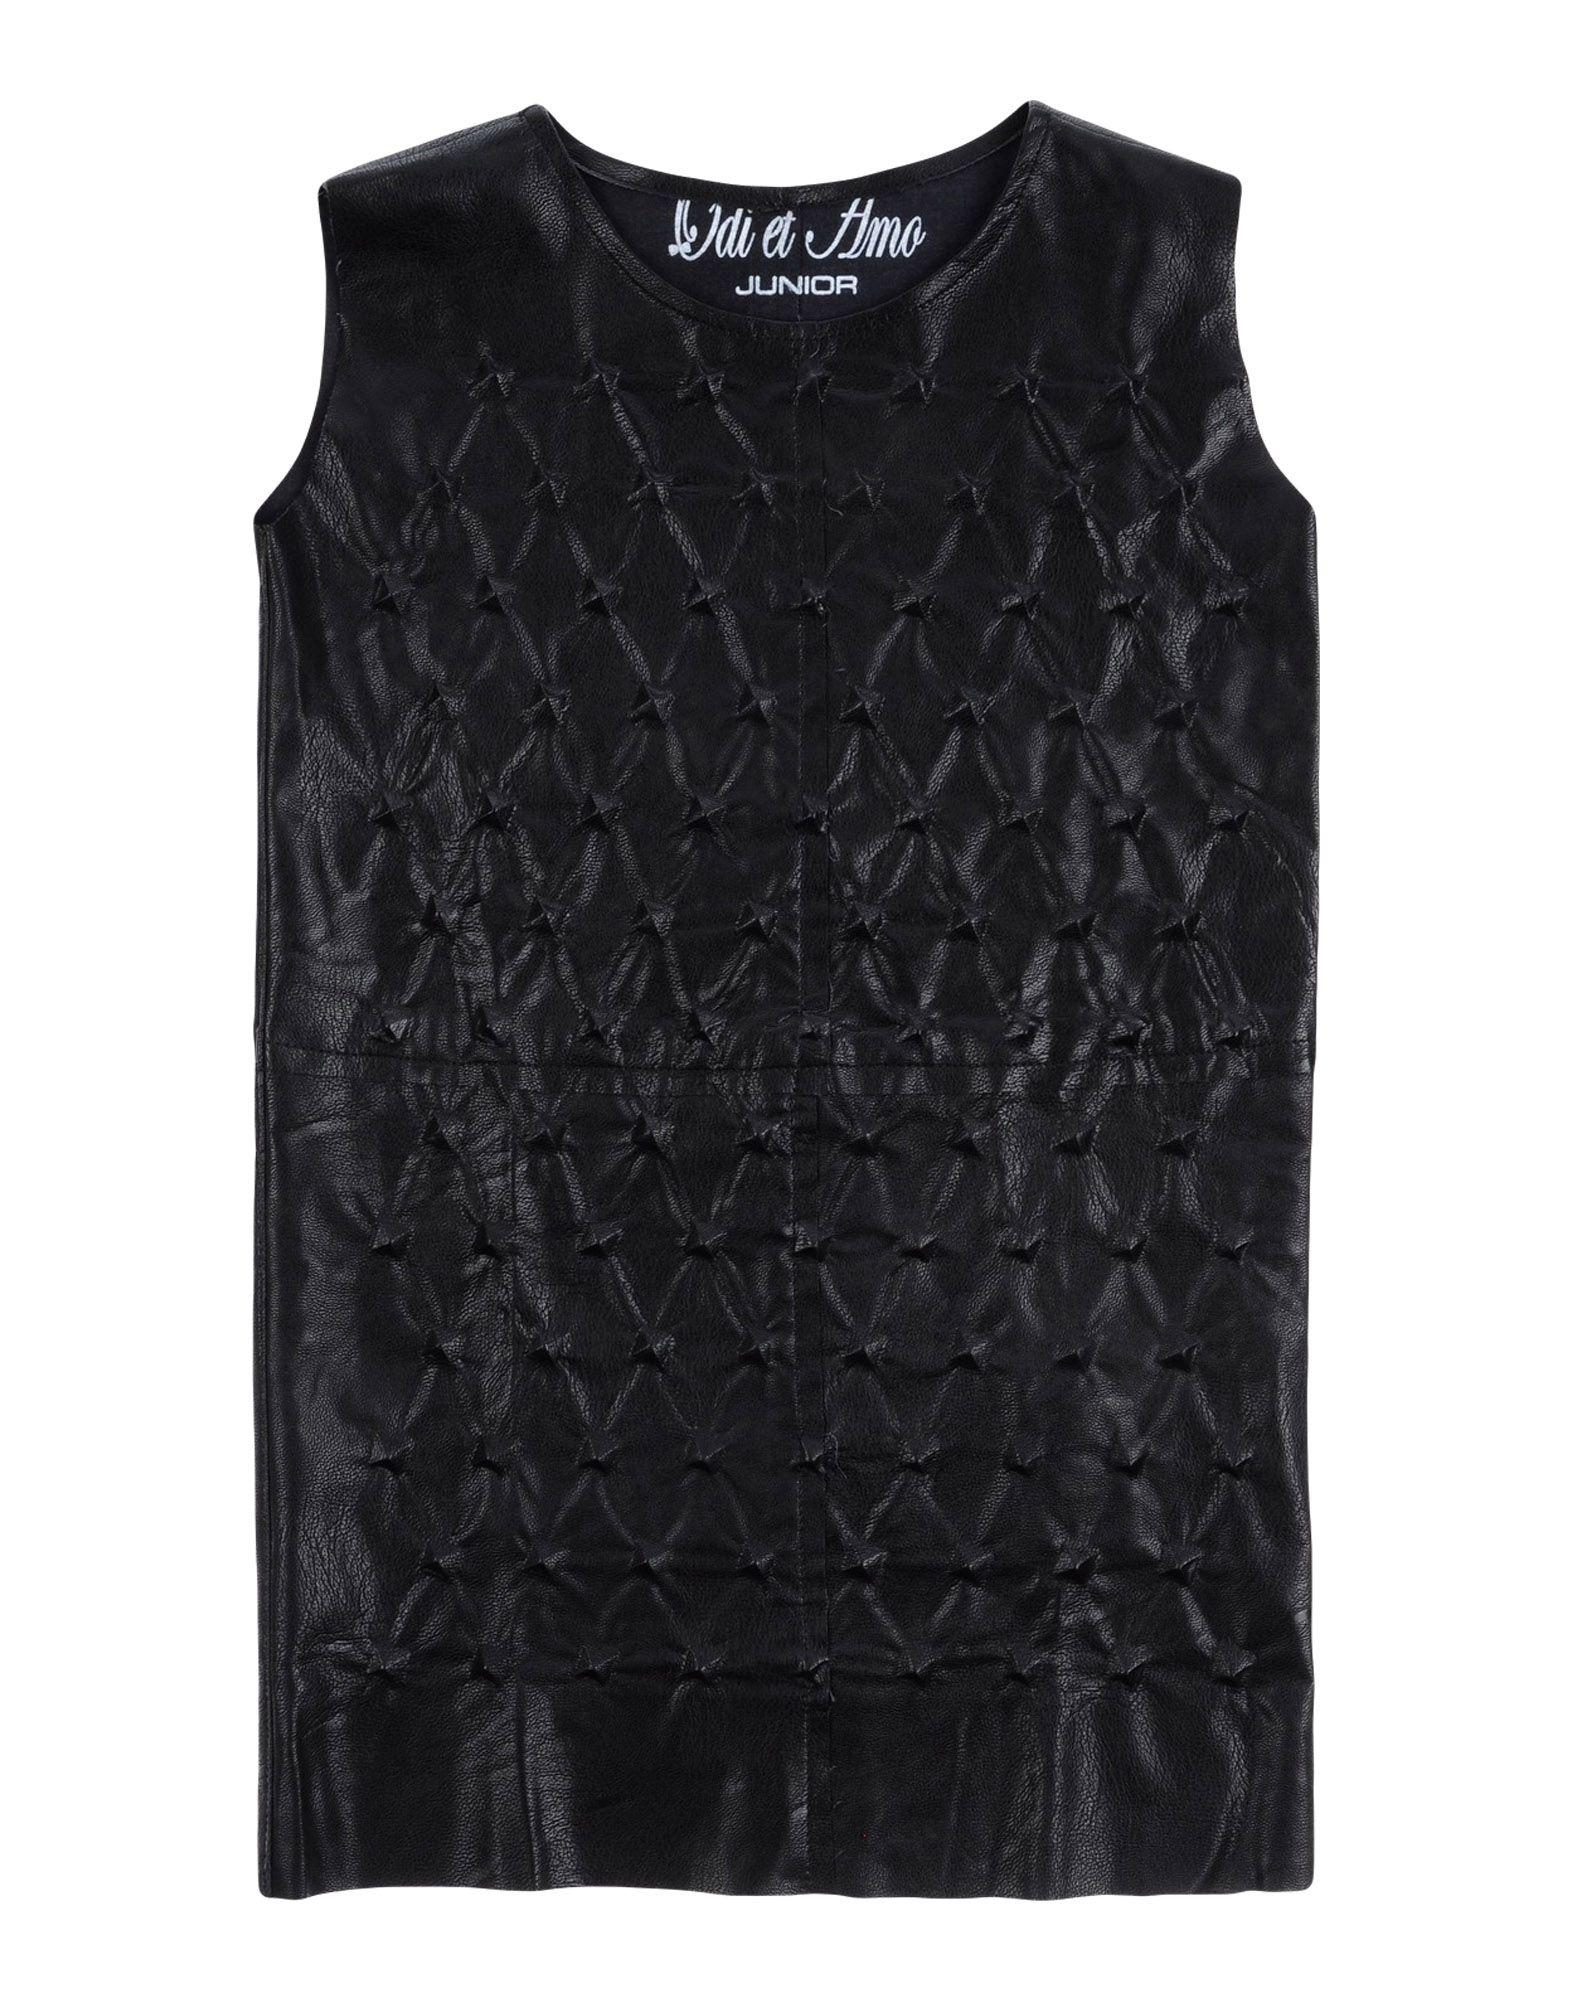 ODI ET AMO Mädchen 0-24 monate Kleid Farbe Schwarz Größe 10 - broschei